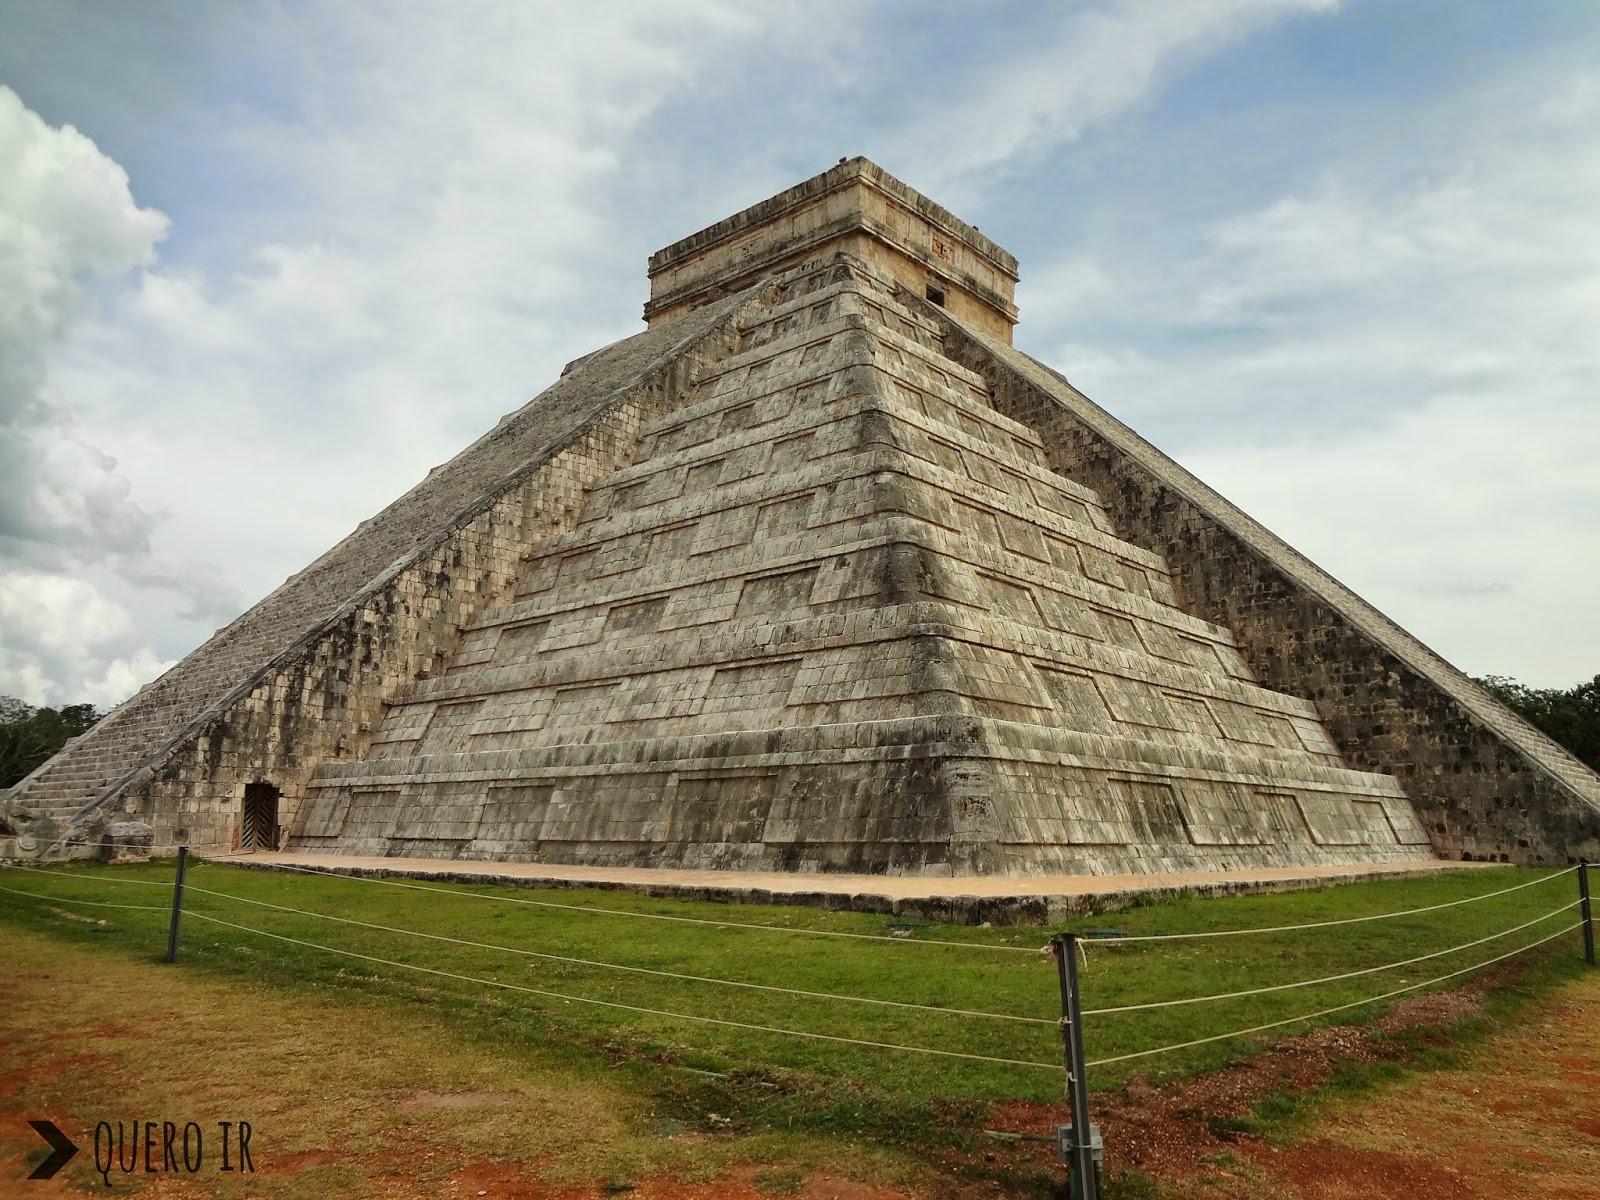 El Castillo Templo Kukulkán